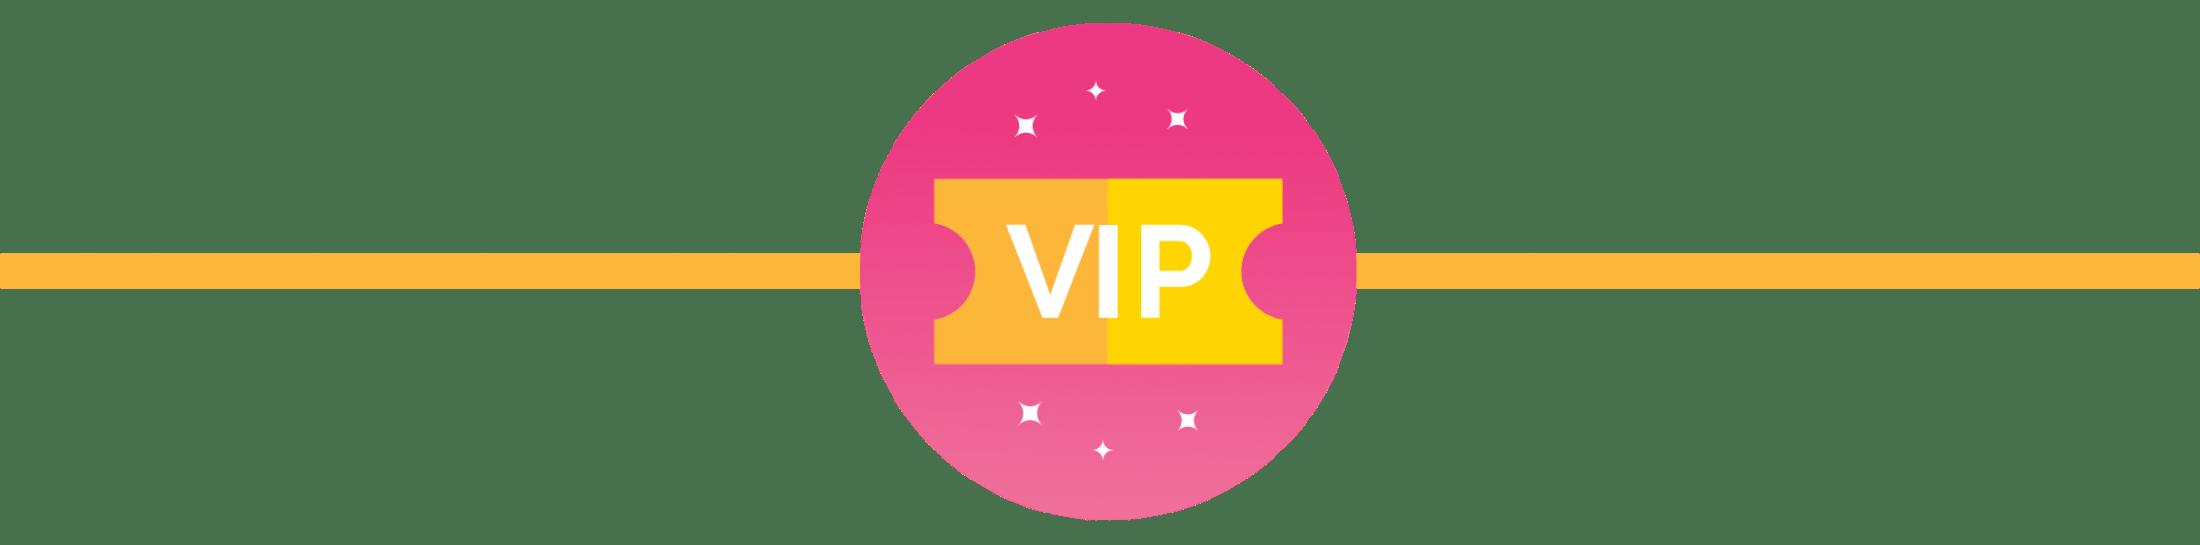 VIP Icon-01